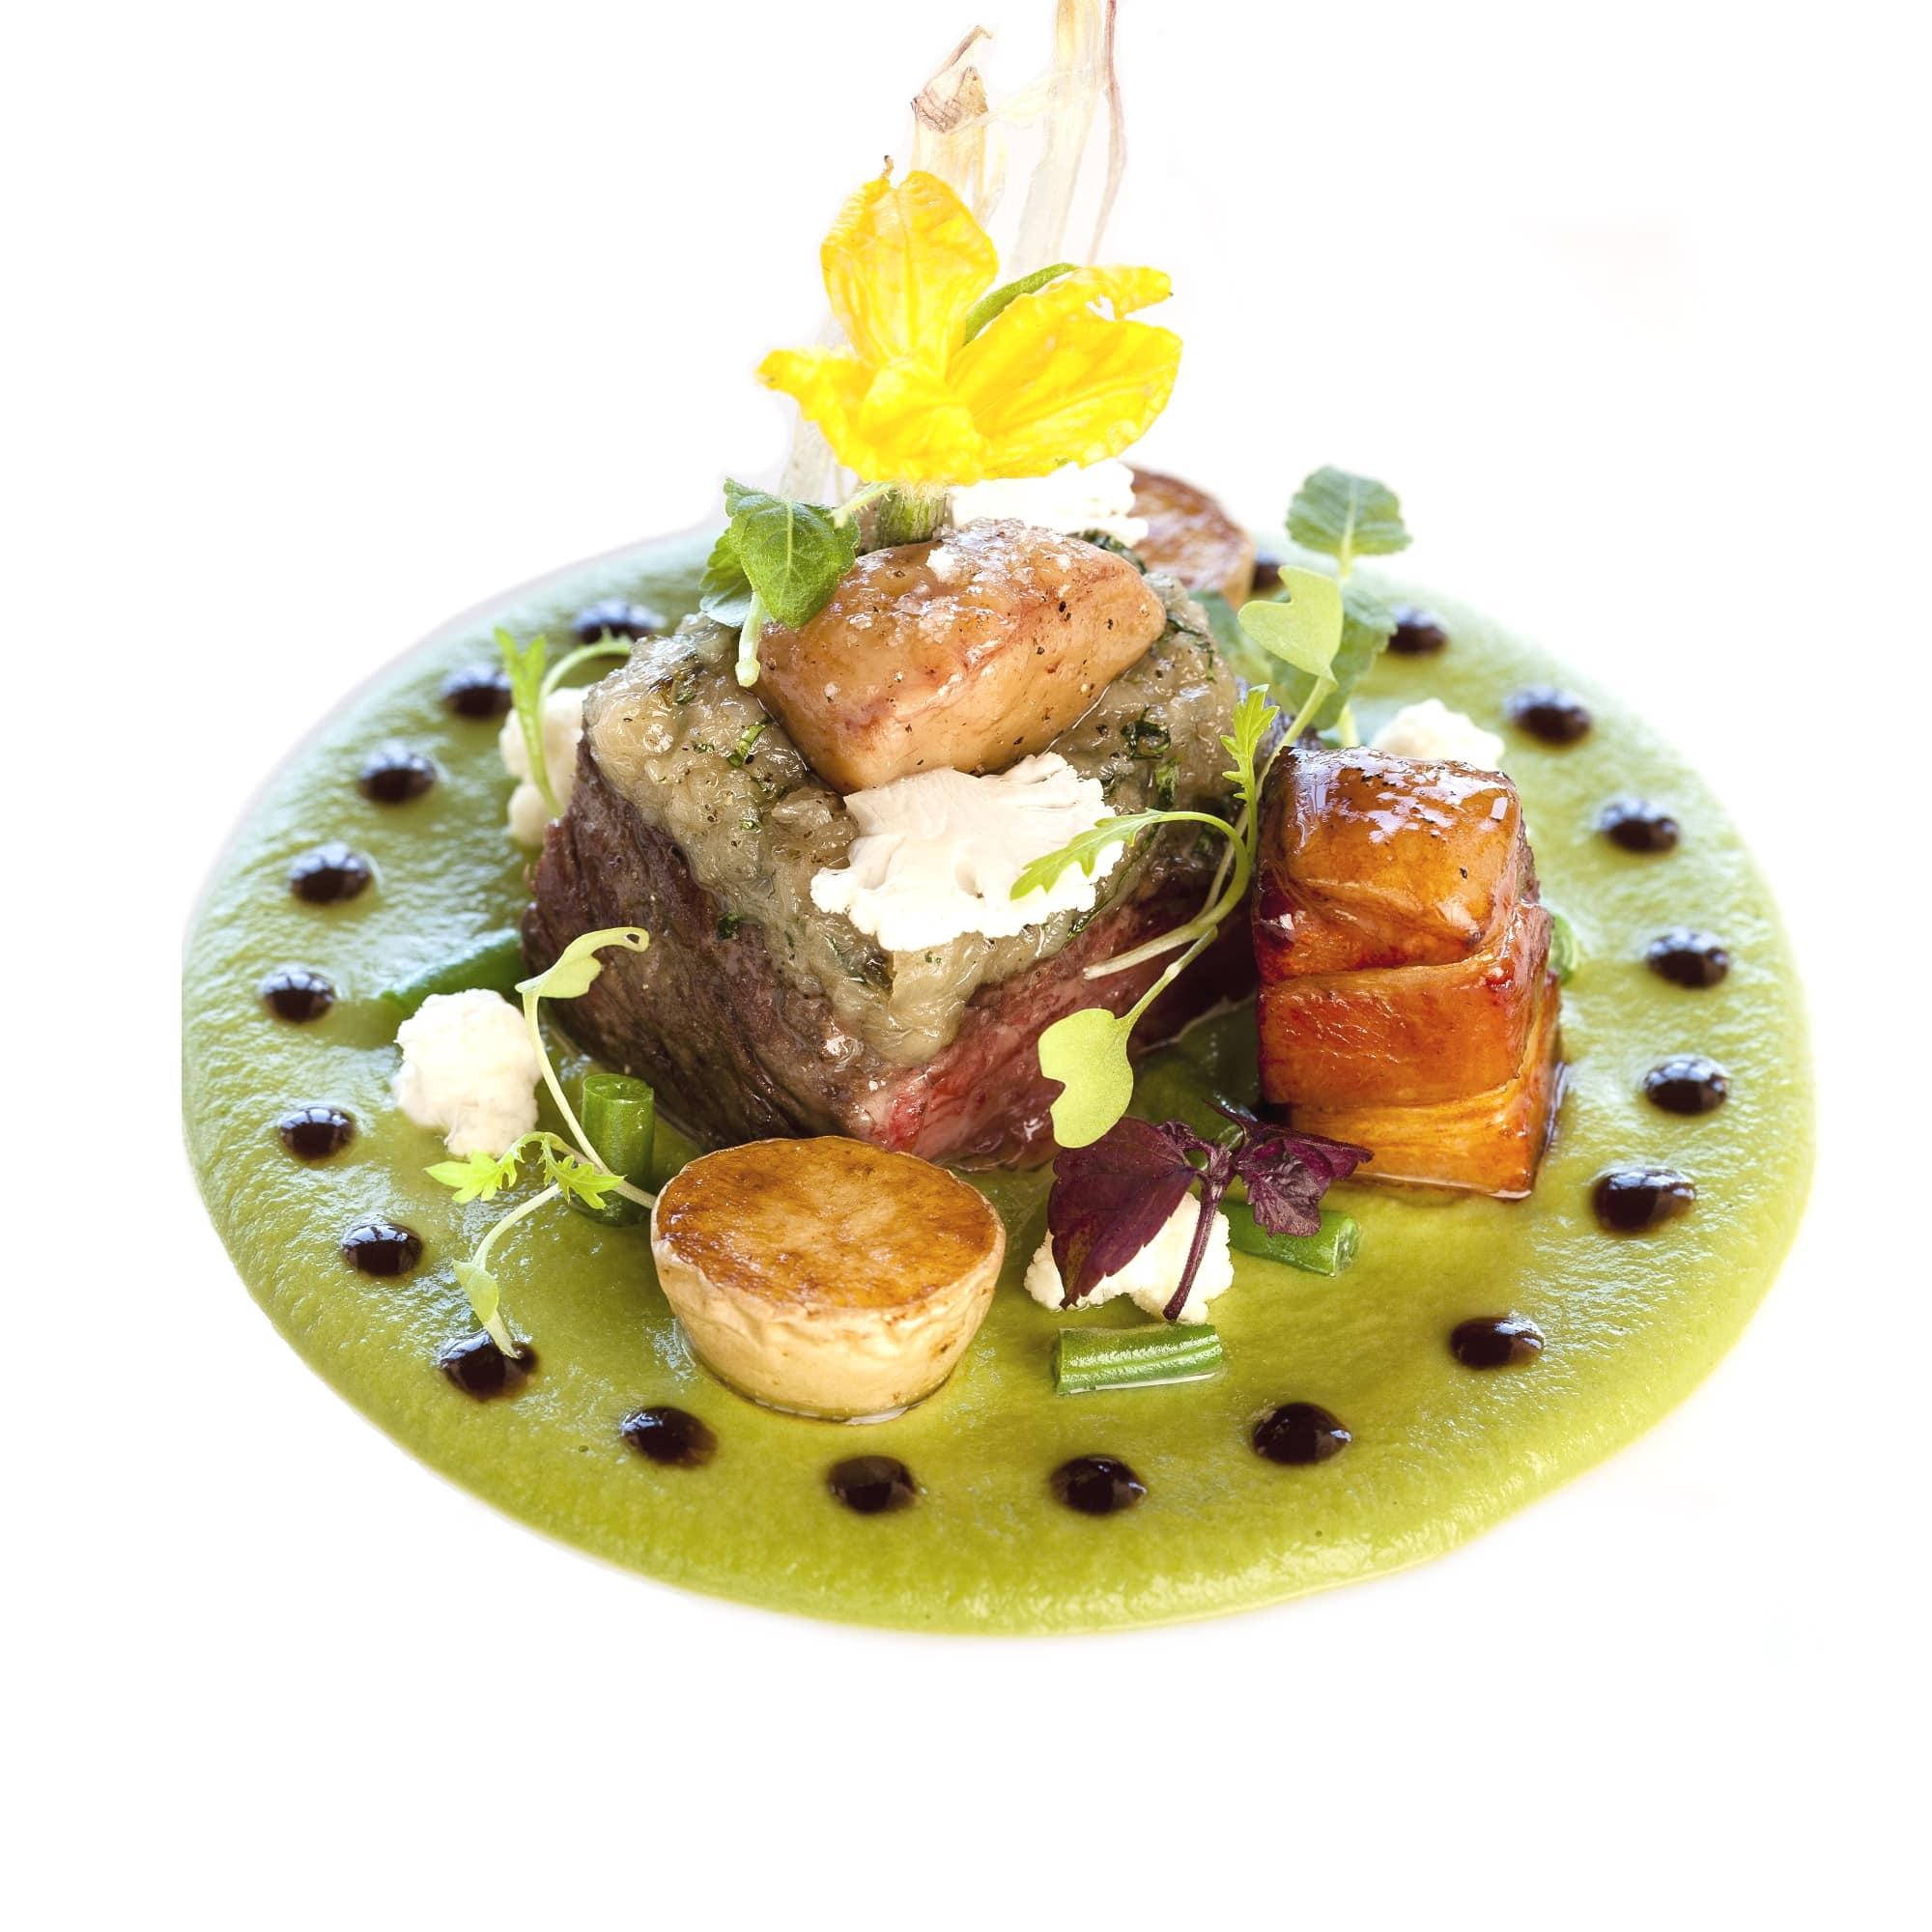 Pièce de Bœuf Black Angus, haricots vert, sauce vigneronne.